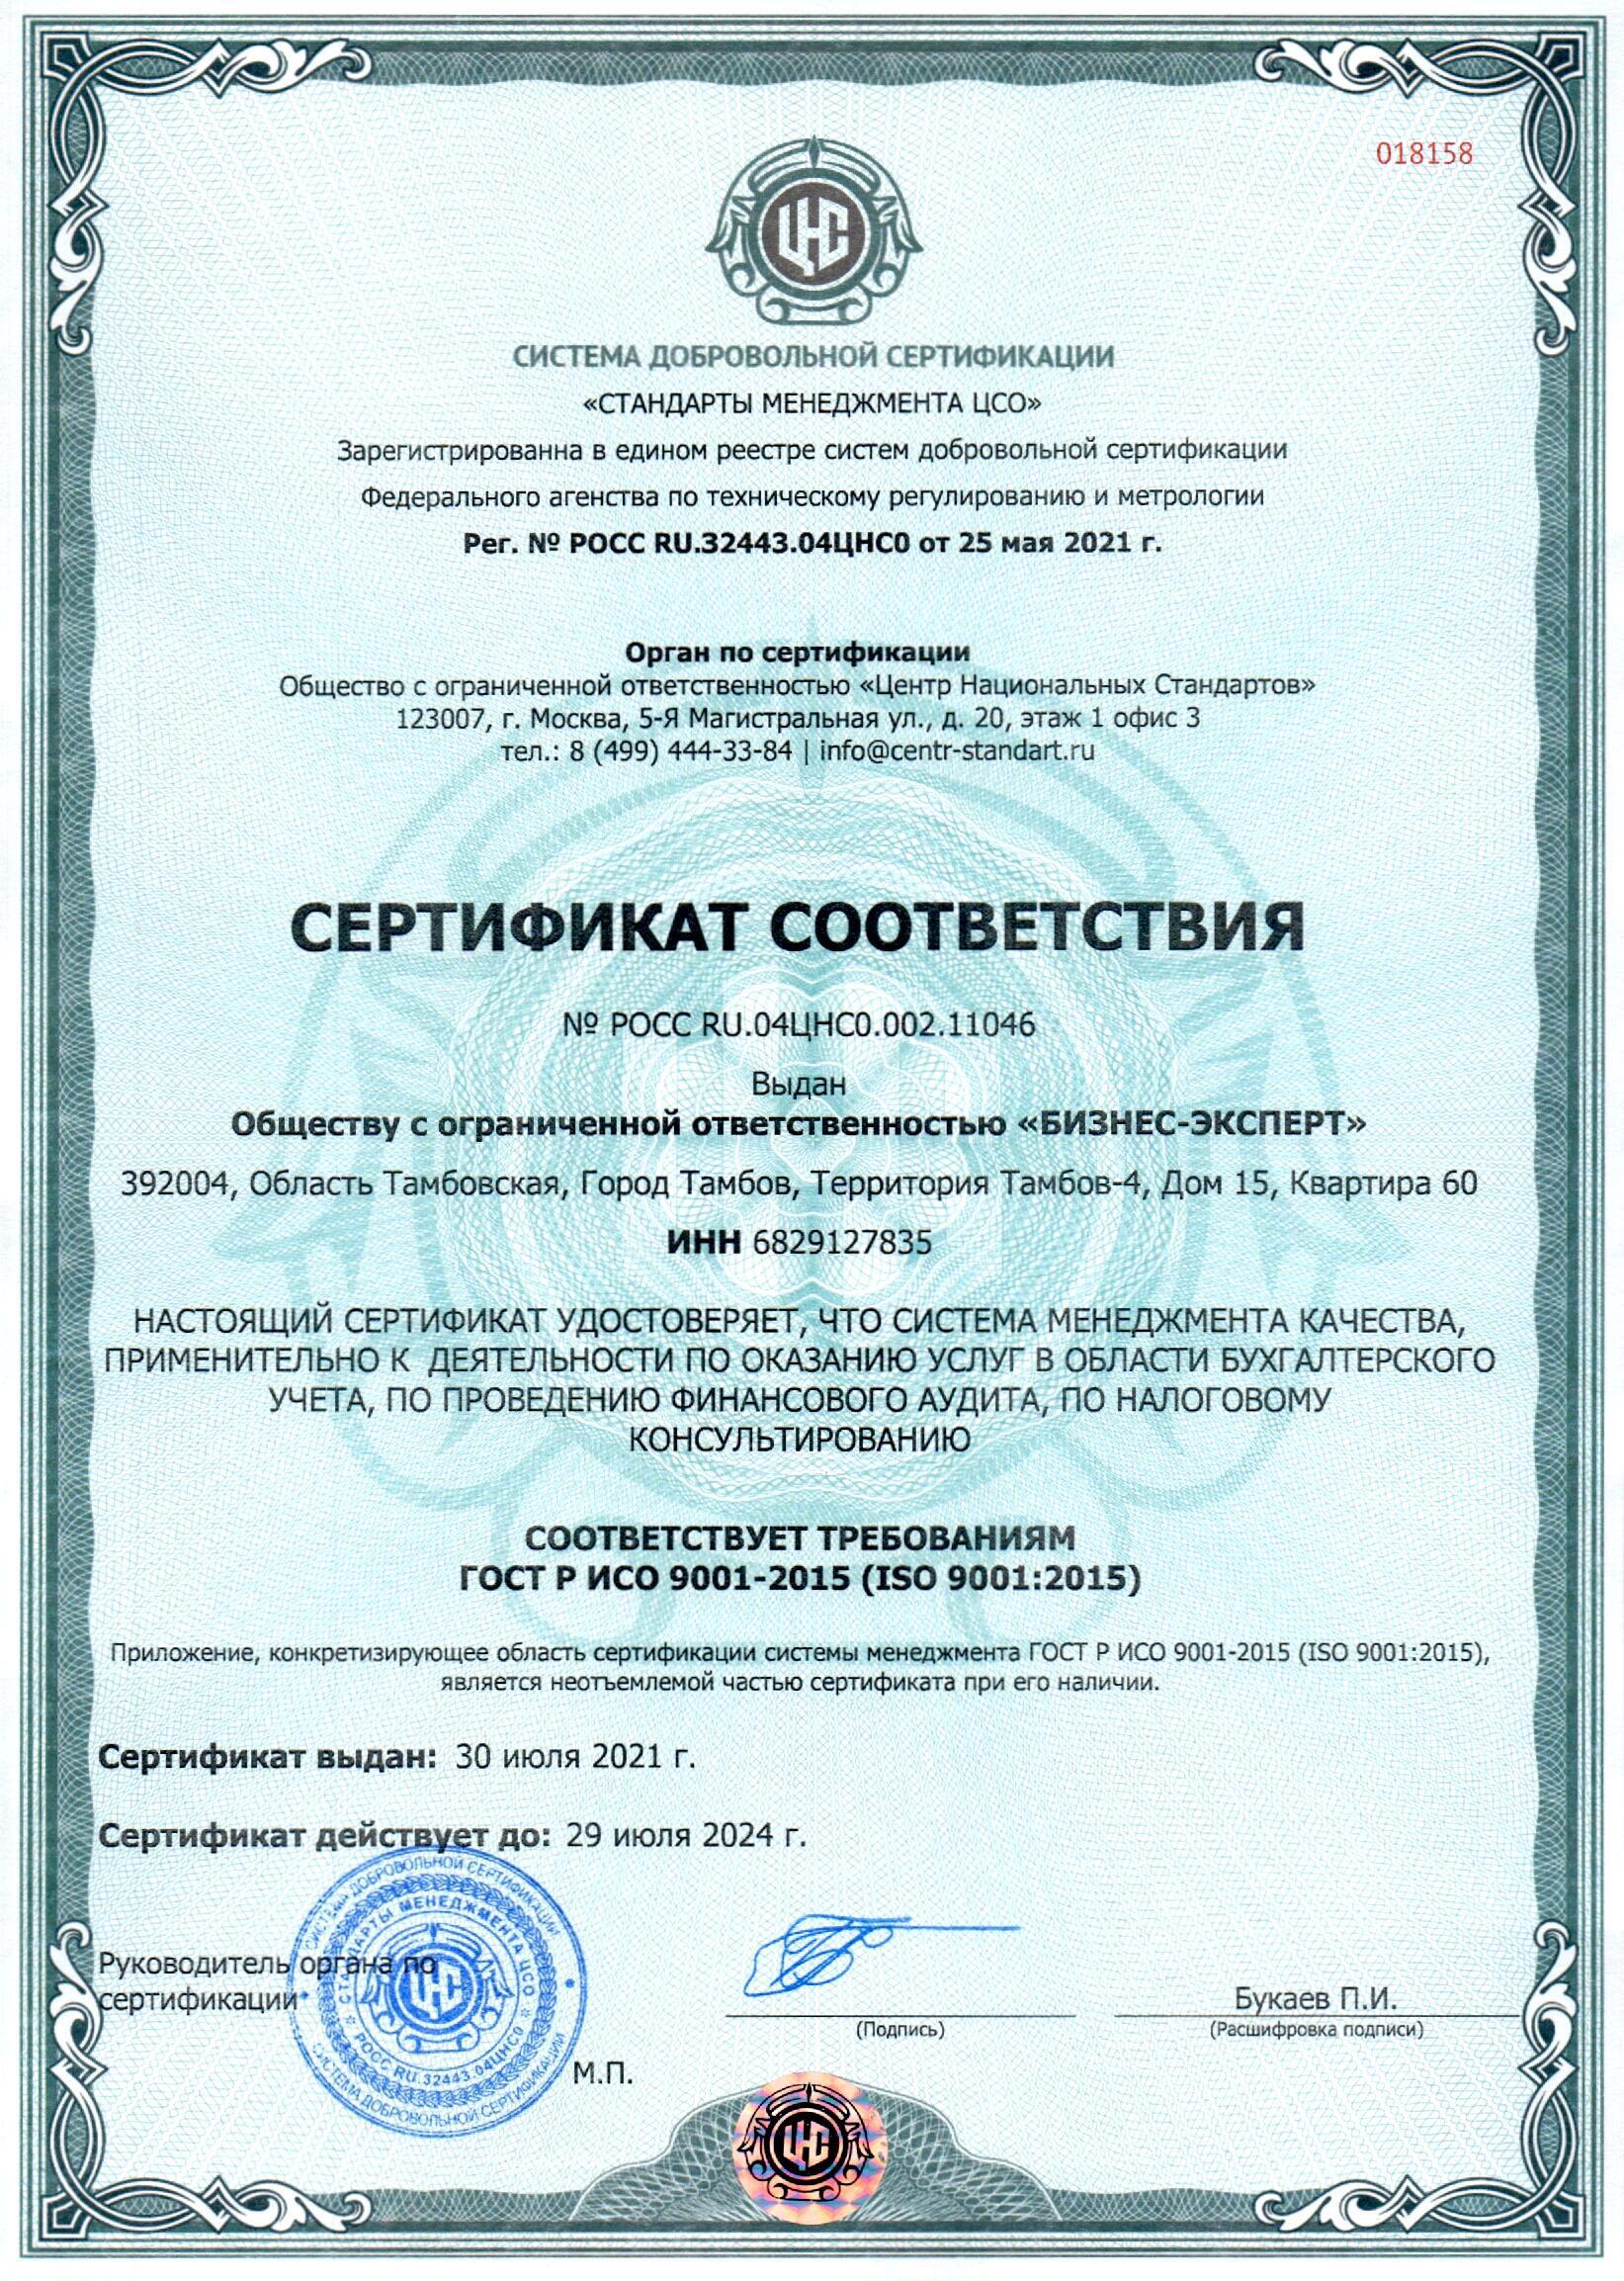 РОСС_RU.04ЦНС0.002.11046